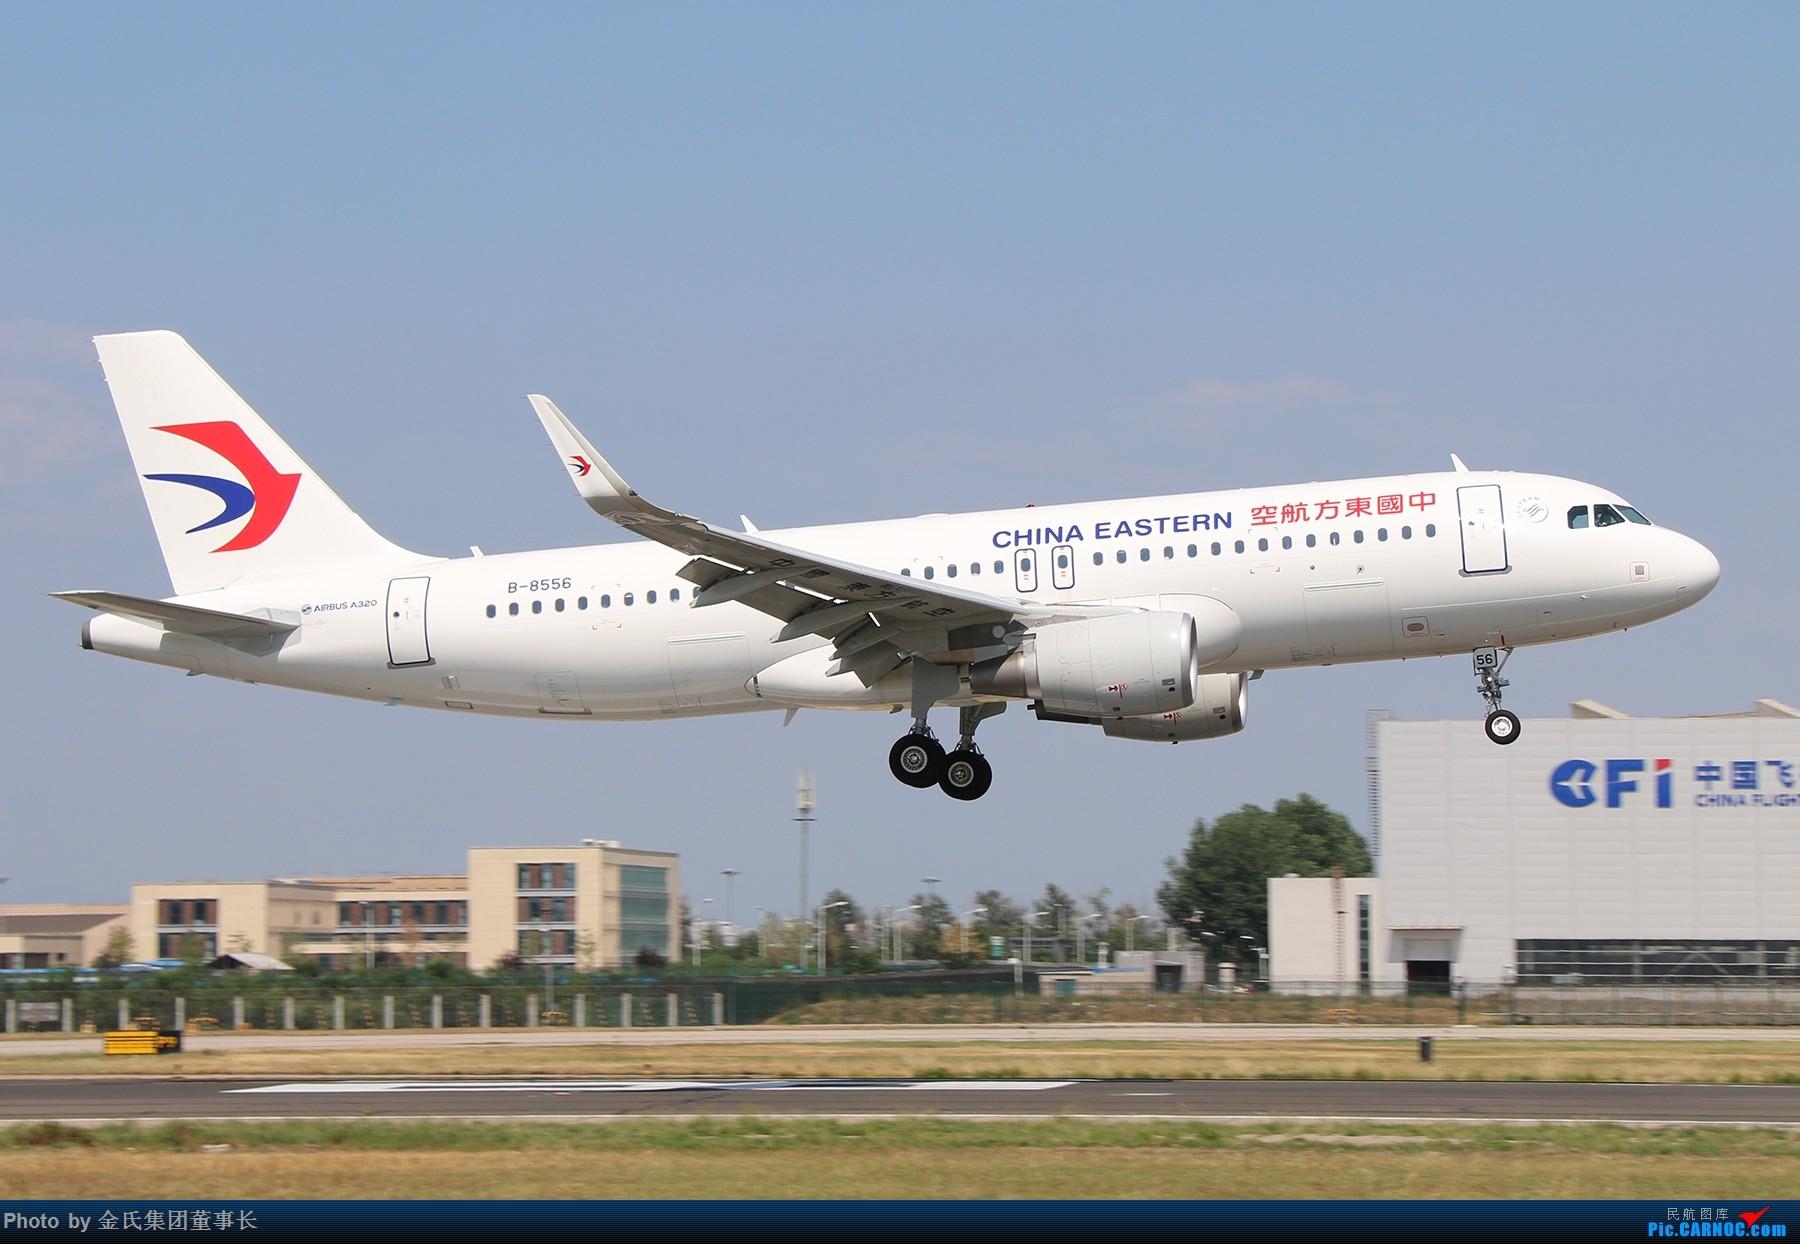 Re:[原创]【董事长】PEK-东航-汇总 AIRBUS A320-200 B-8556 中国北京首都国际机场